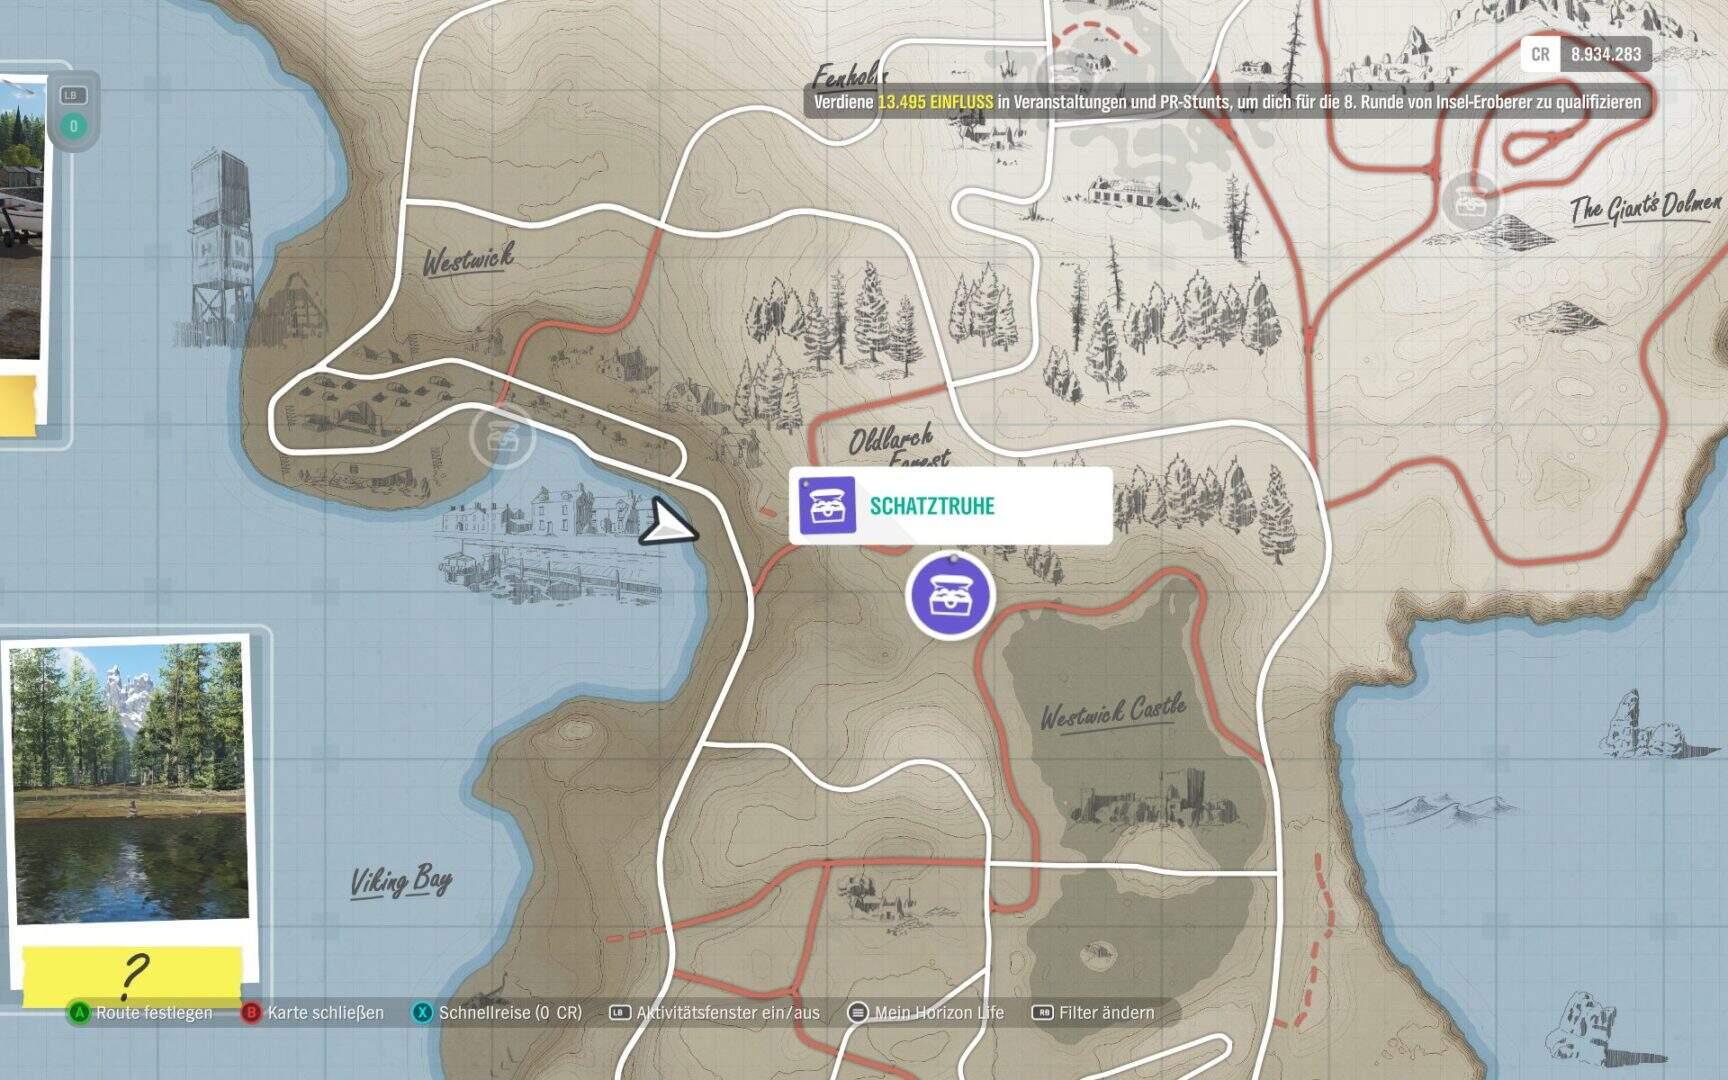 Forza Horizon 4 Fortune Island Schatztruhe 7 Location